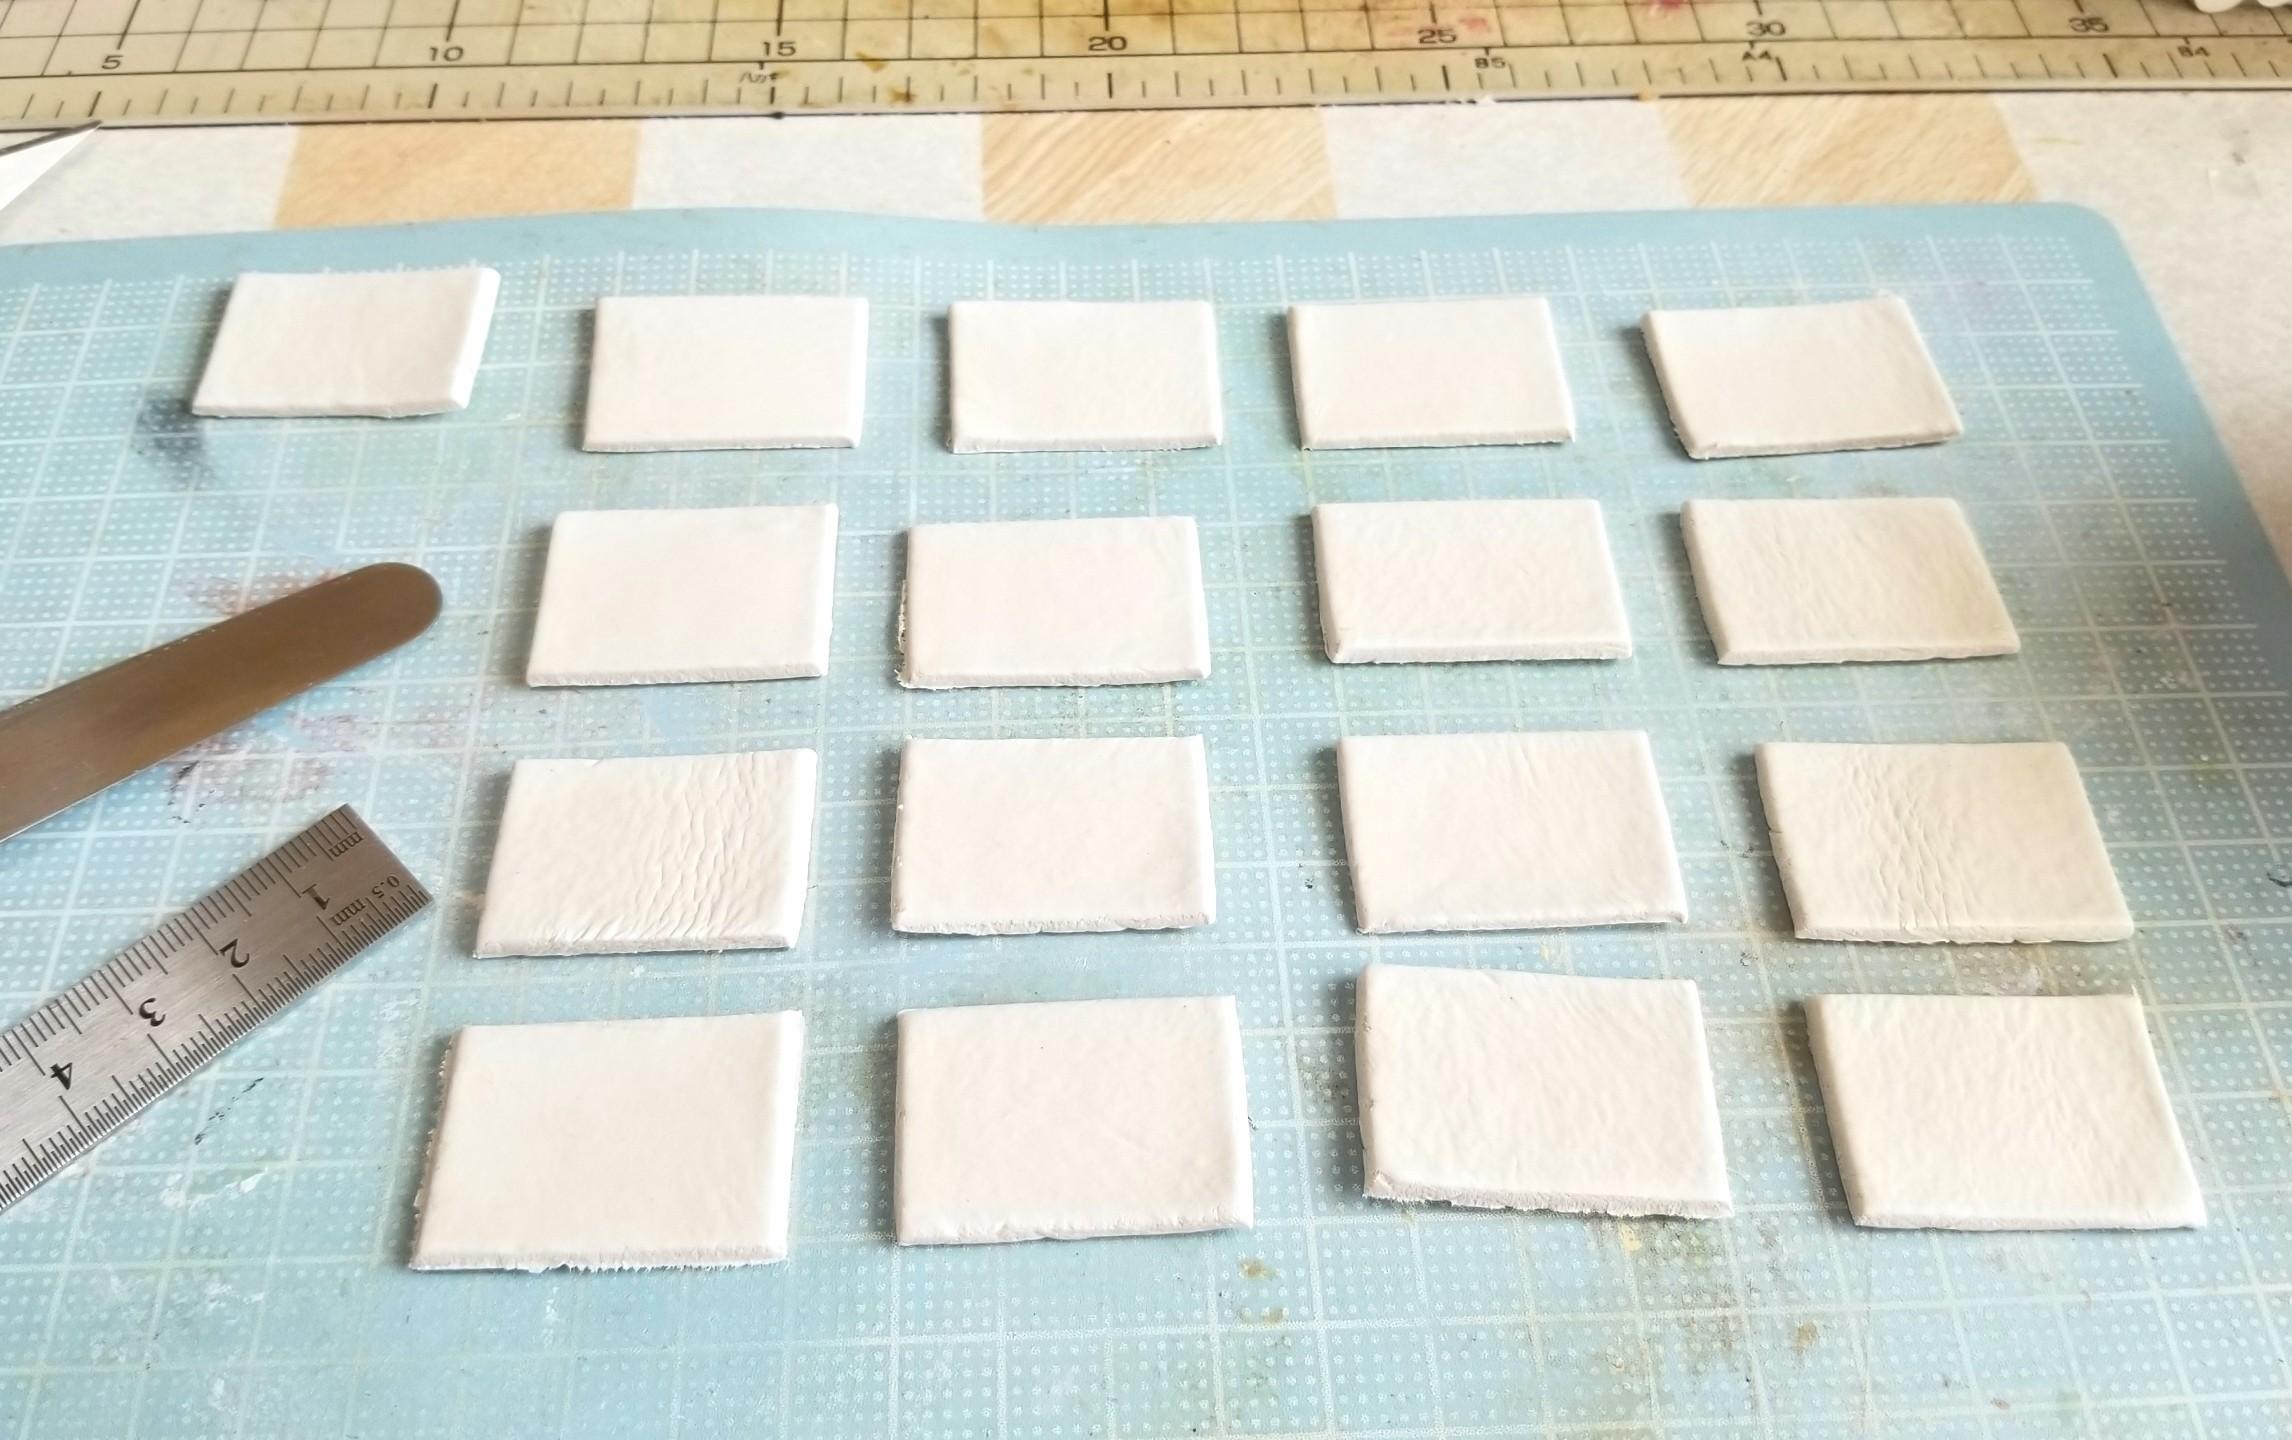 ミニチュア,和風食器,仕込み,石粉粘土,石塑粘土,ハンドメイド